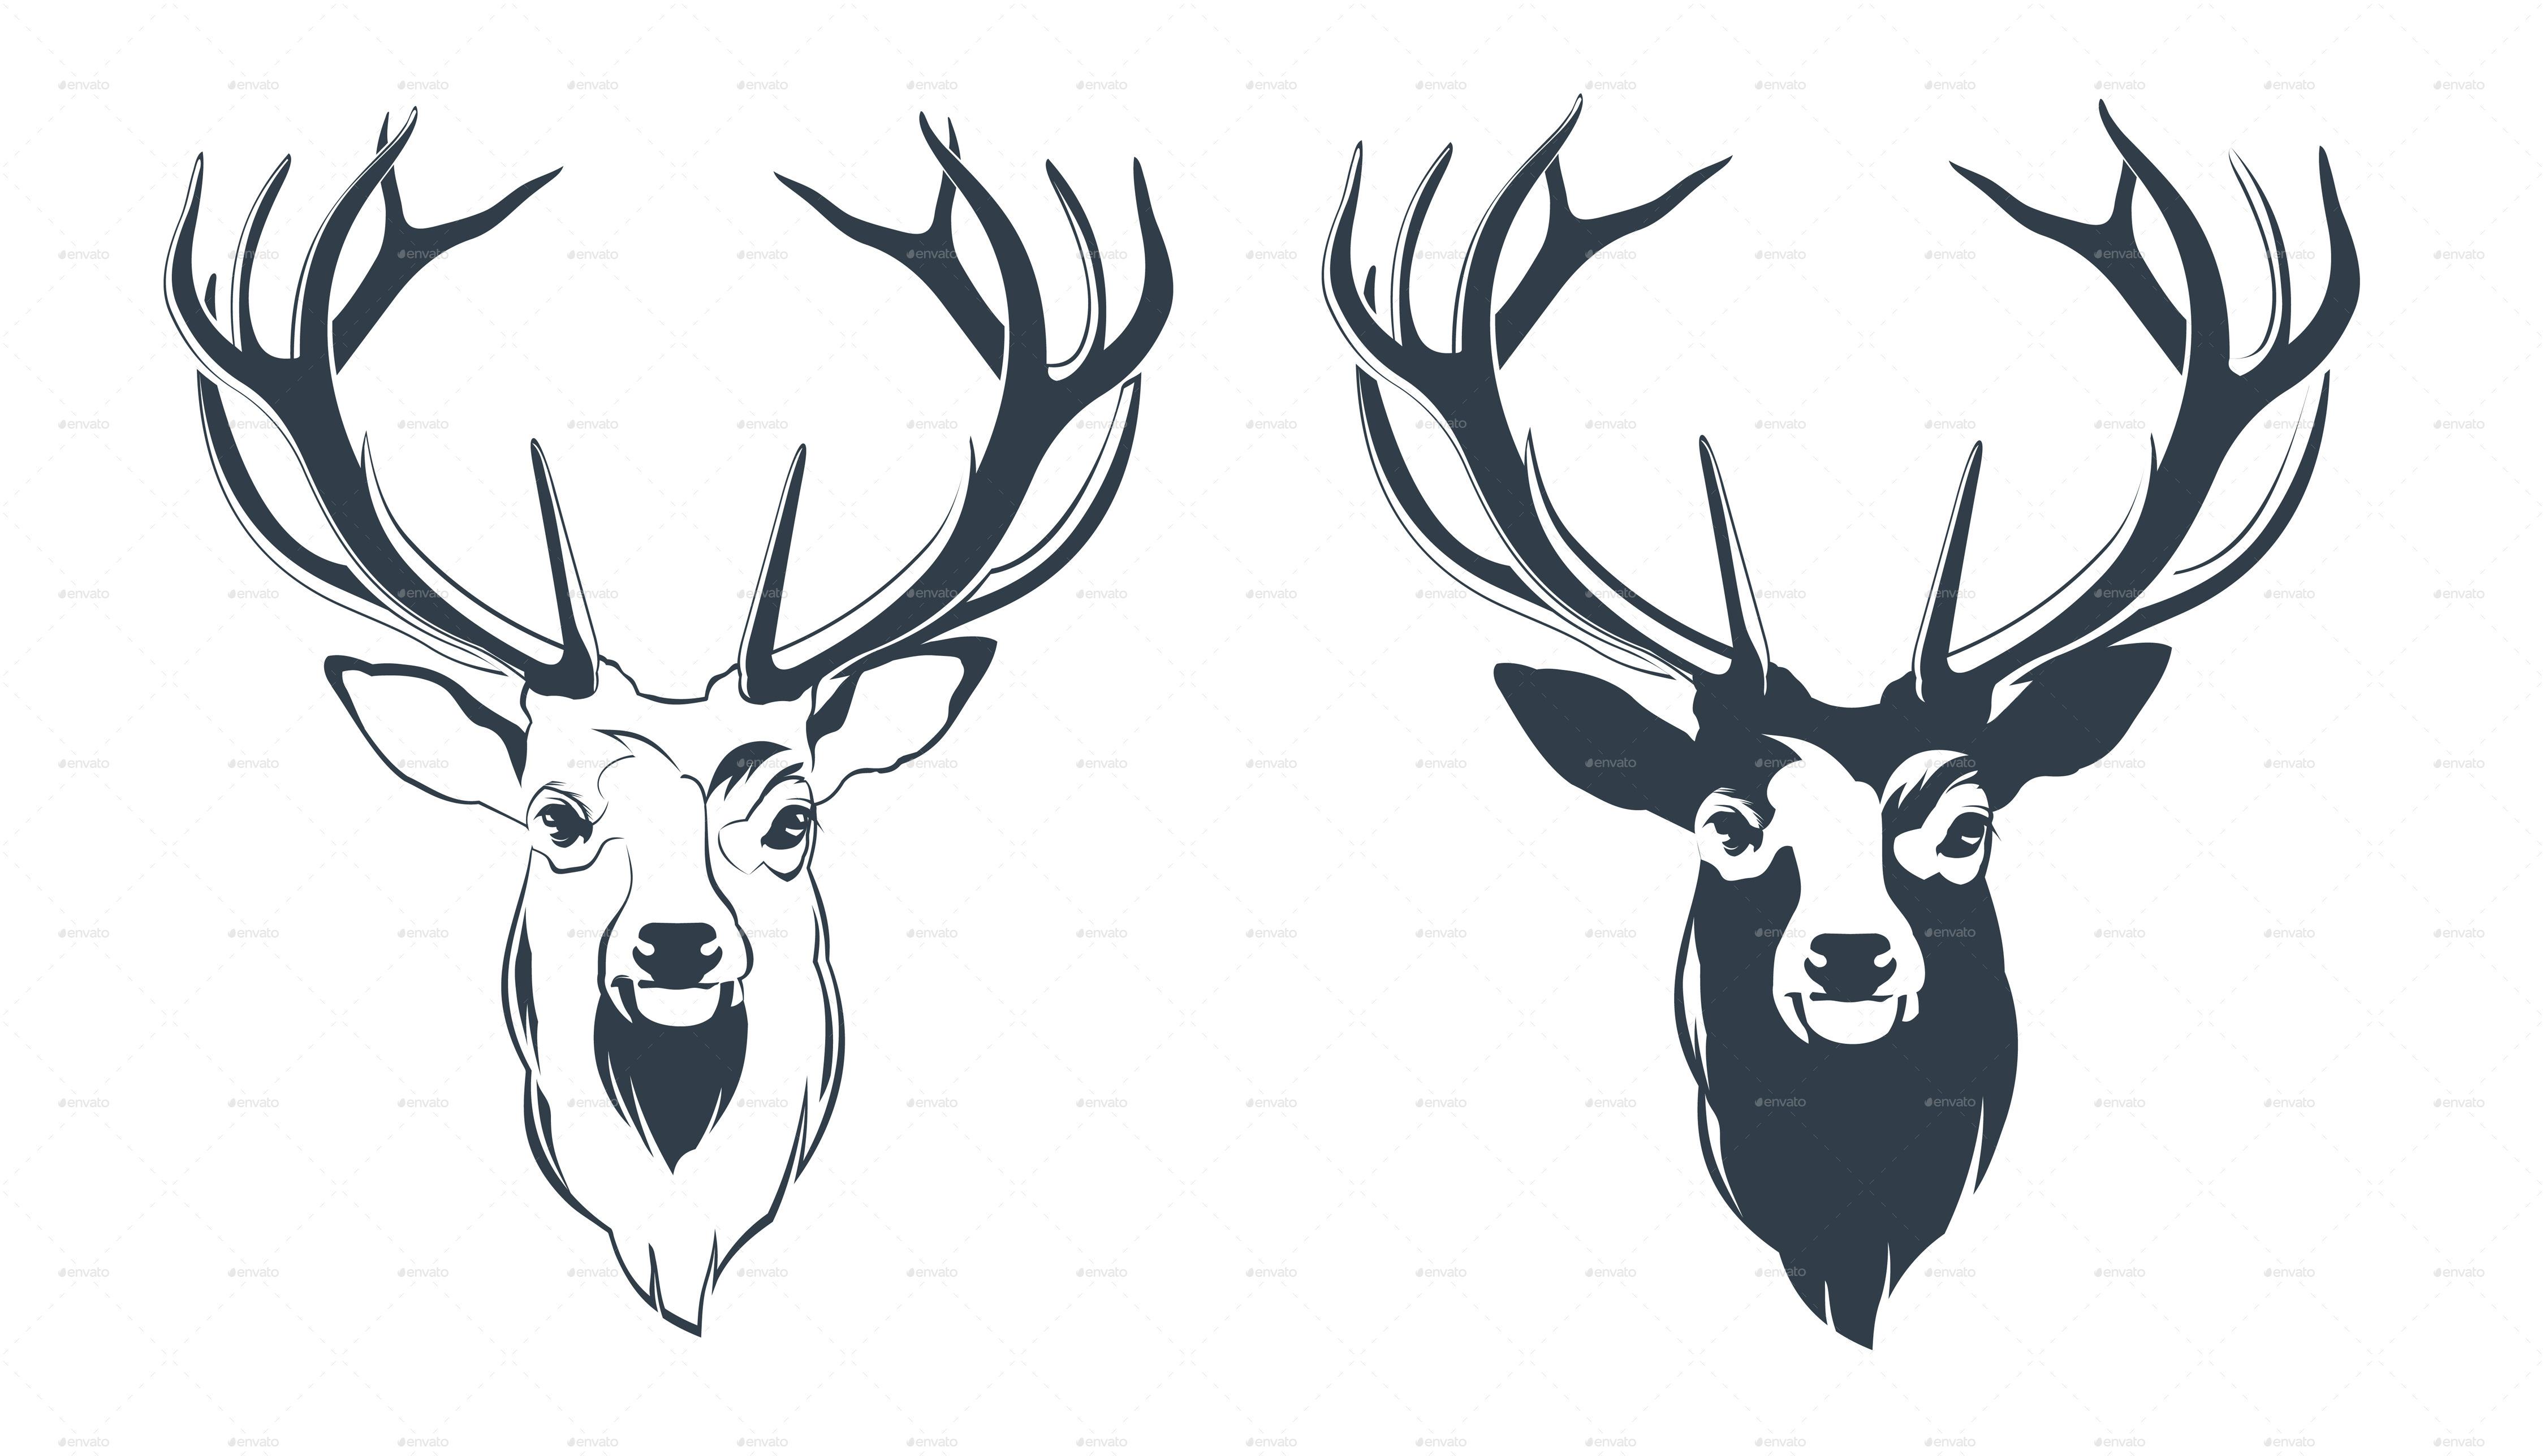 ... Male Red Deer Head.jpg Vector Illustration of a Male Red Deer Head.png